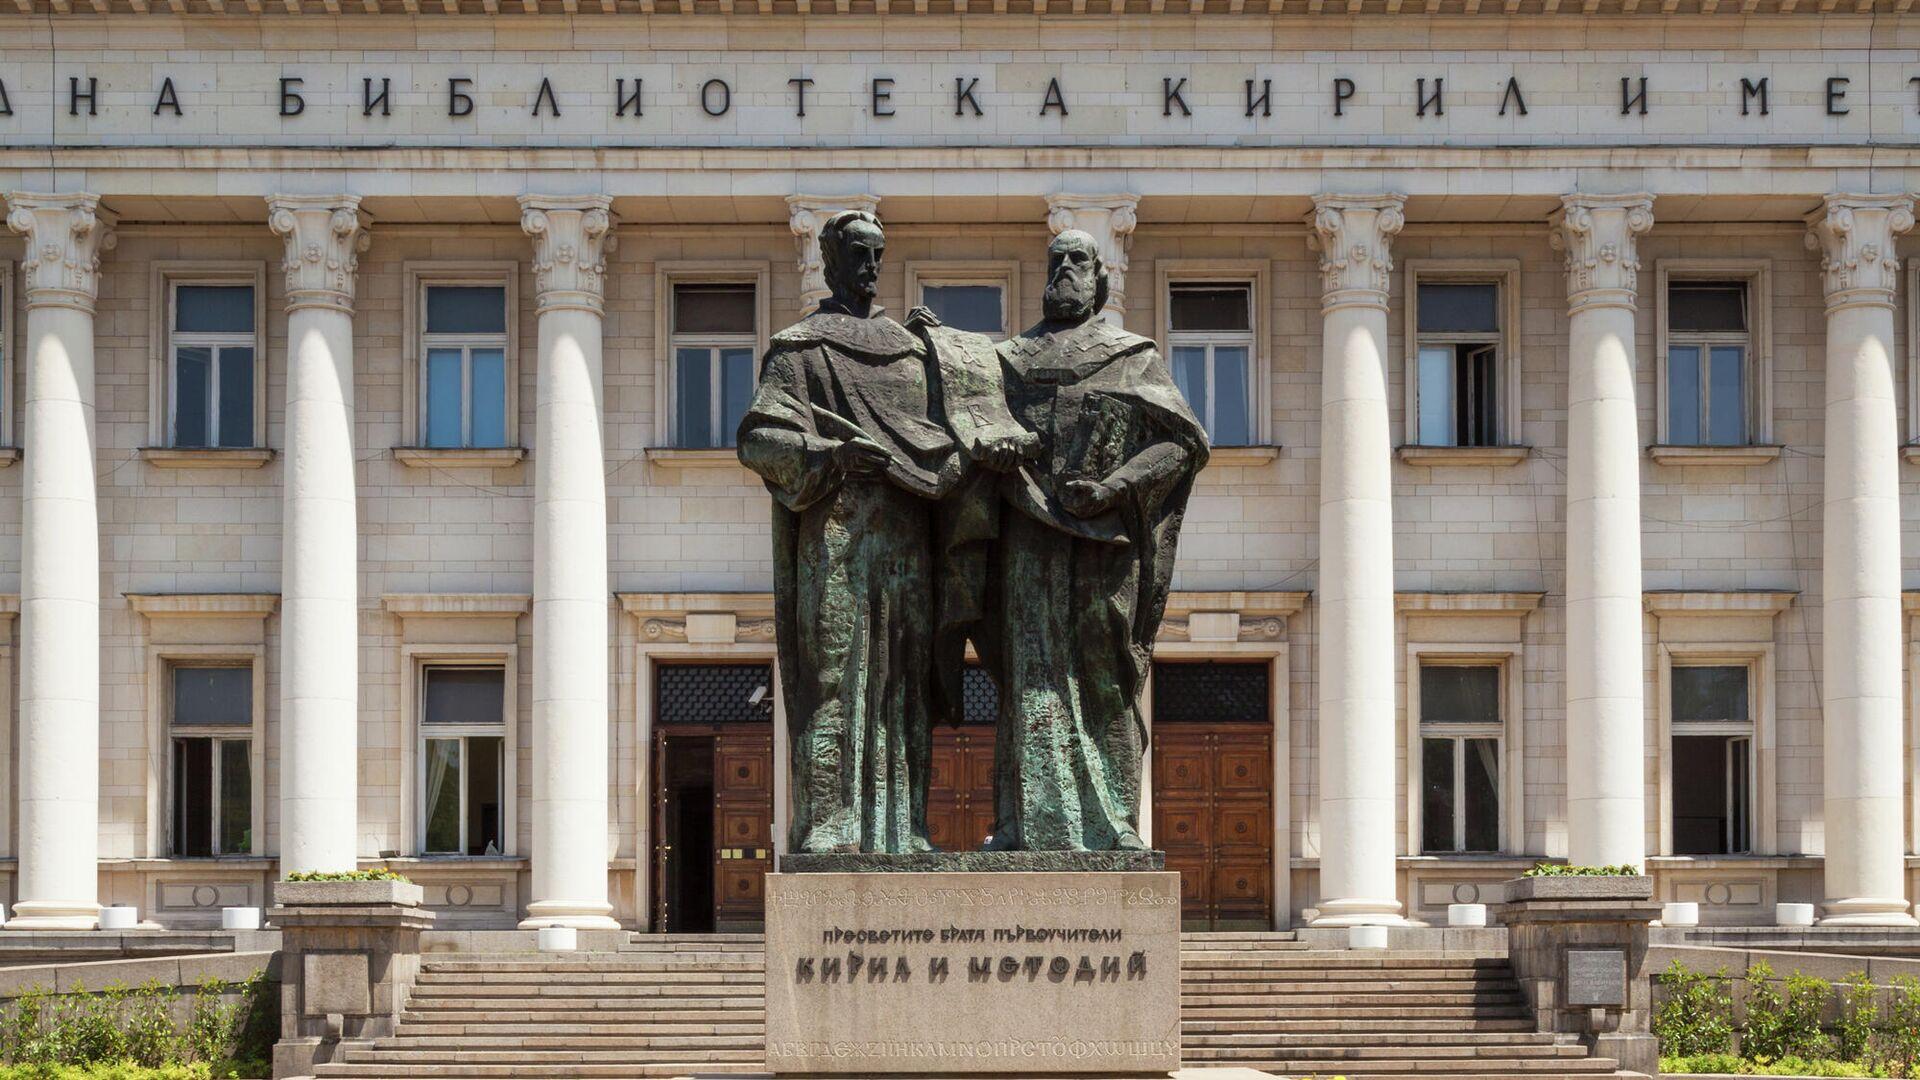 Памятник святых Кирилла и Мефодия возле здания Национальной библиотеки в Софии, Болгария - РИА Новости, 1920, 27.05.2020